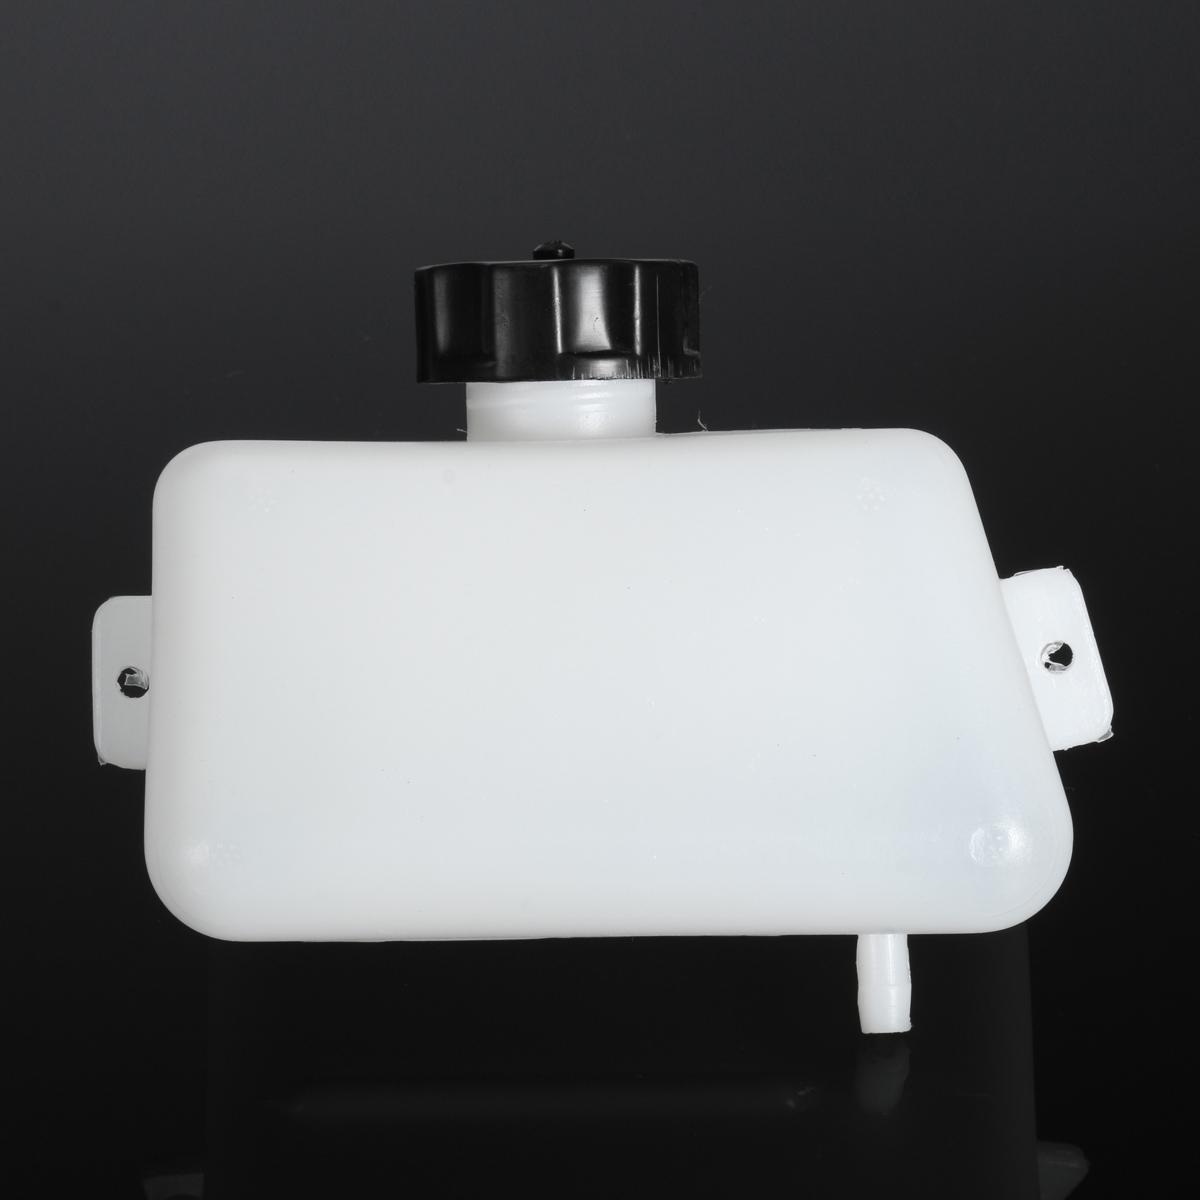 1l Petrol Fuel Tank Cap Filter For Minimoto Pit Dirt Bike 8e902c62 F95b 4970 8fa7 F57867c41db9